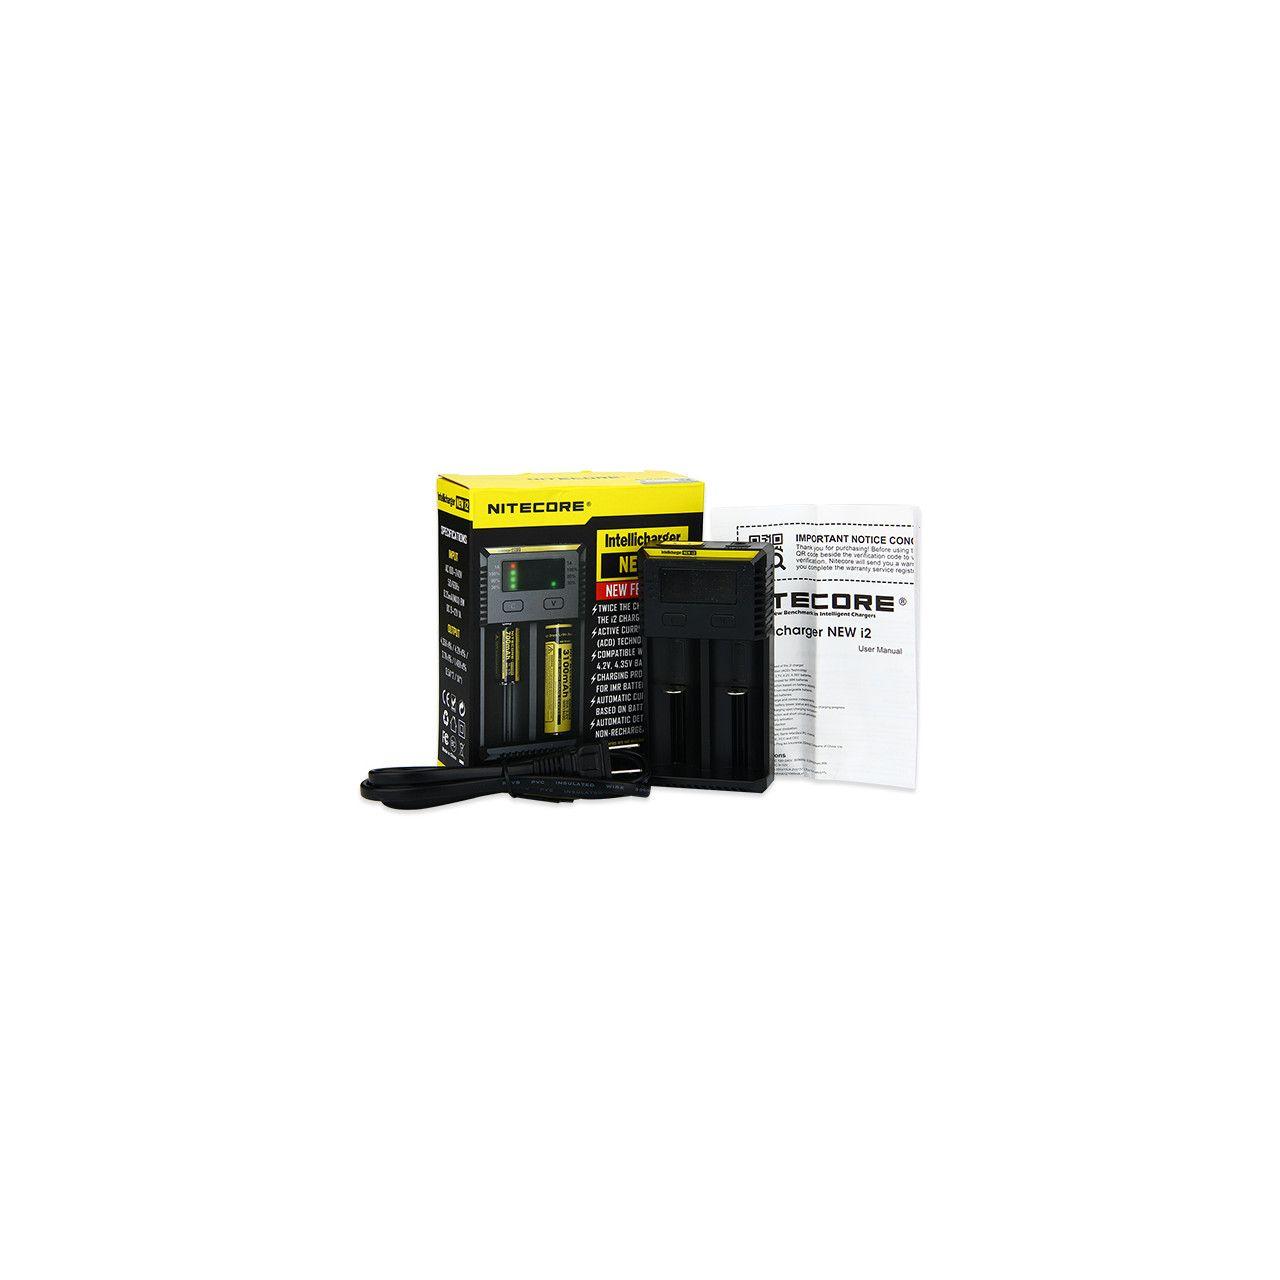 Nitecore - Carregador de Bateria - New I2 Nitecore - 1